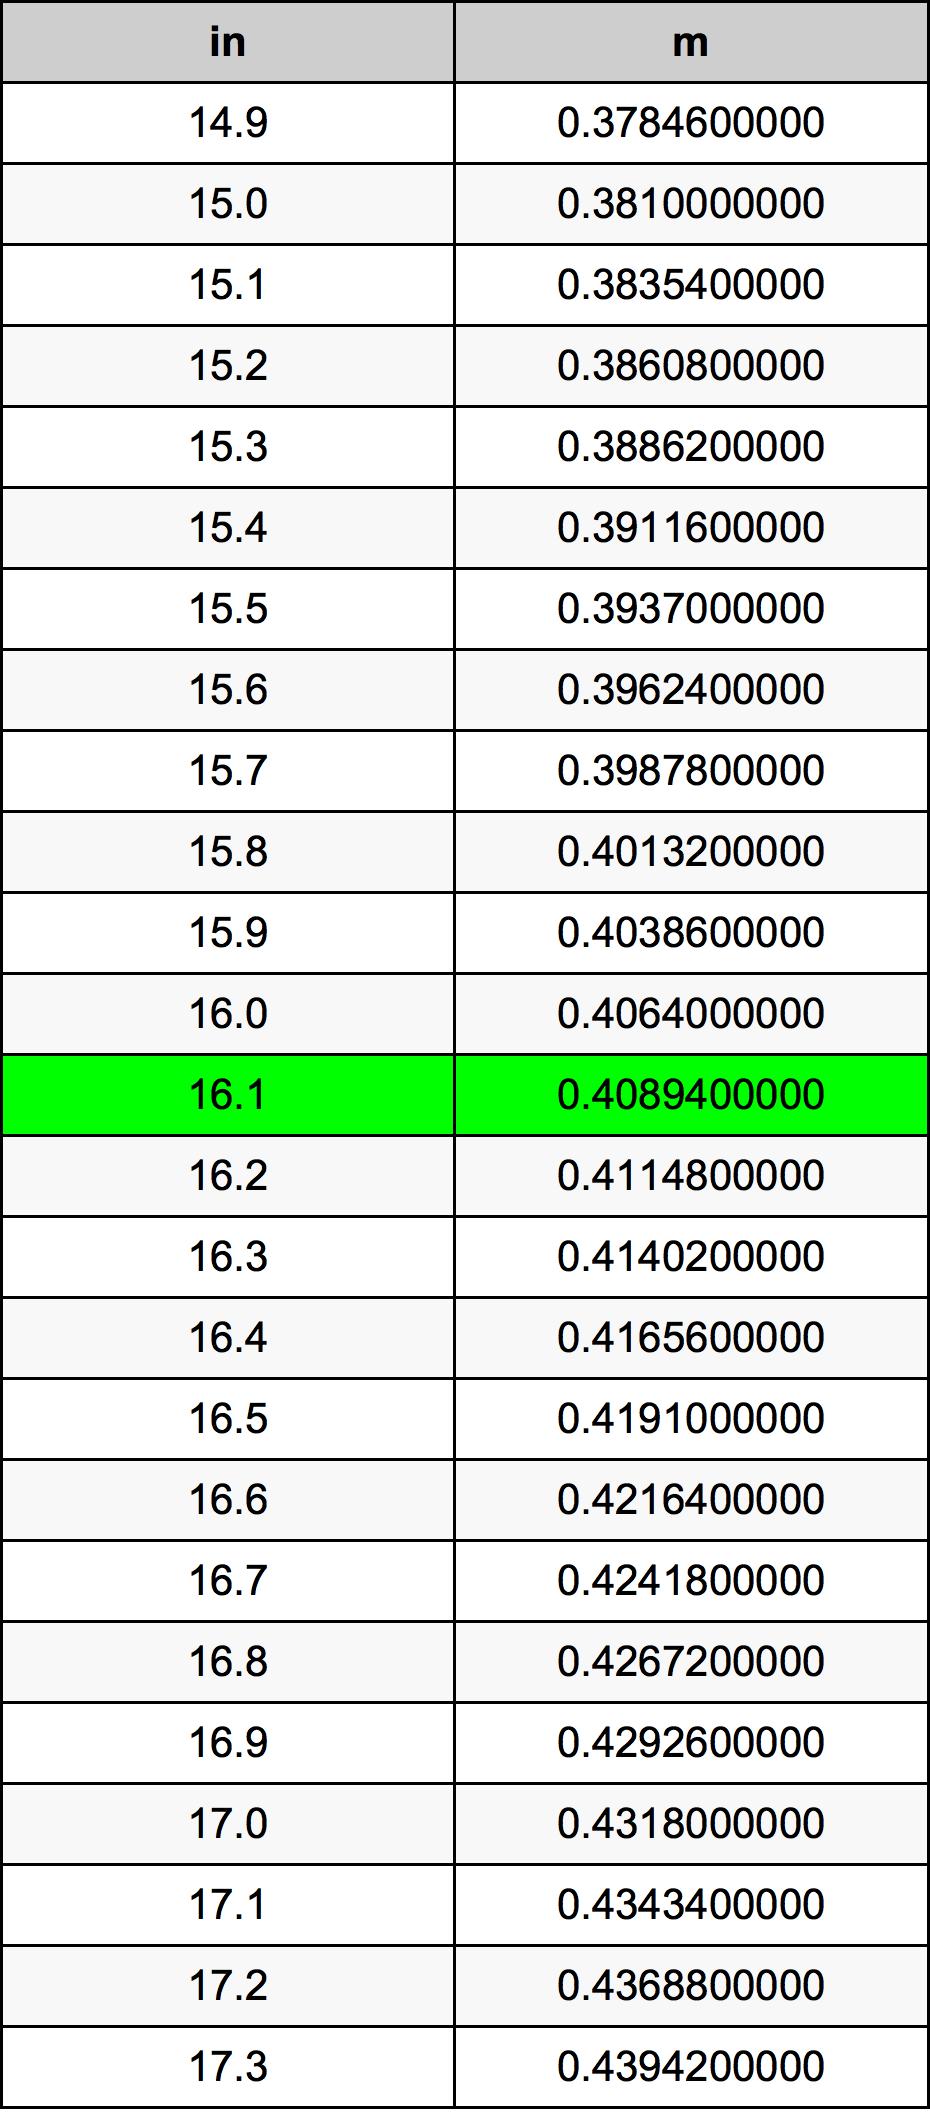 16.1インチ換算表